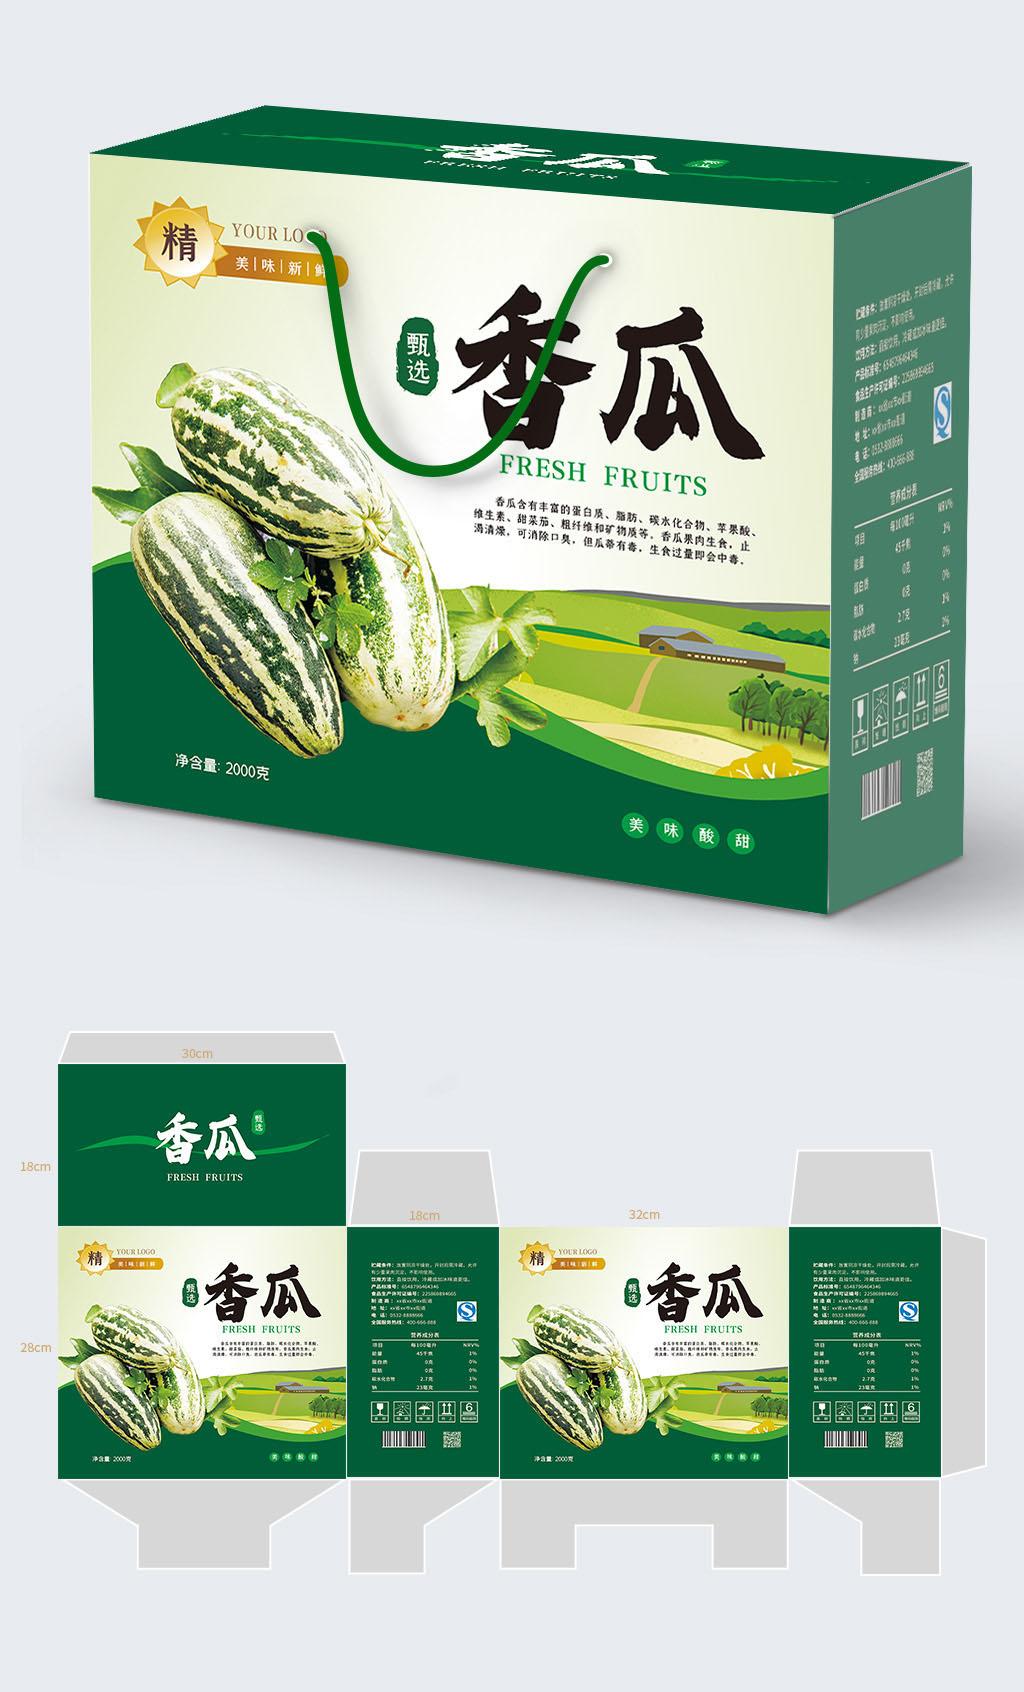 矢量绿色香瓜甜瓜水果礼盒手提礼盒设计2源文件插图